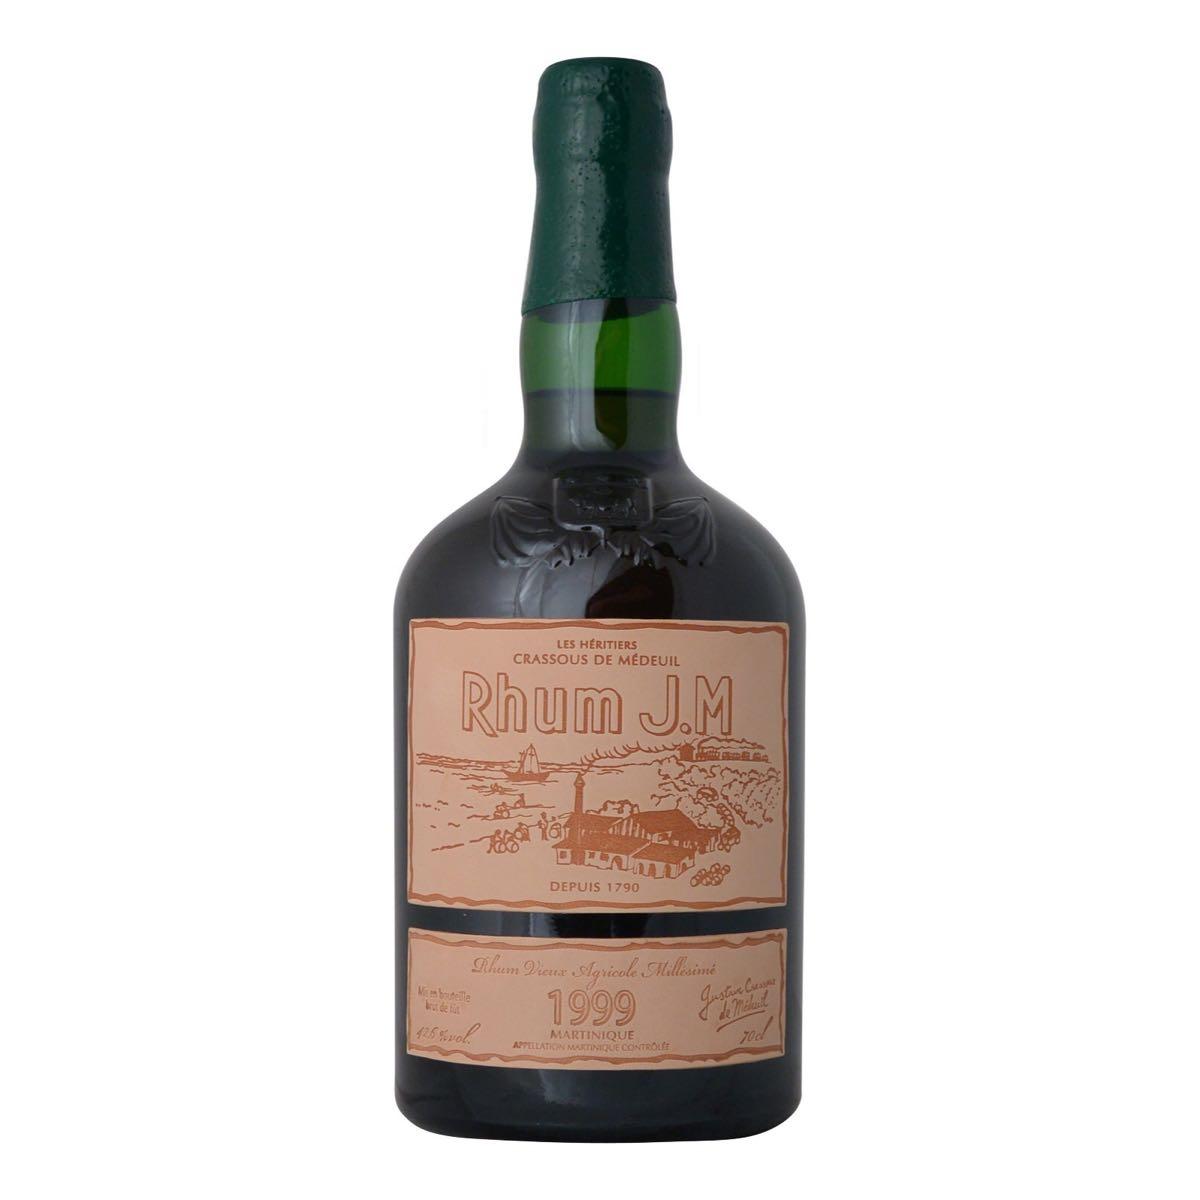 Bottle image of 1999